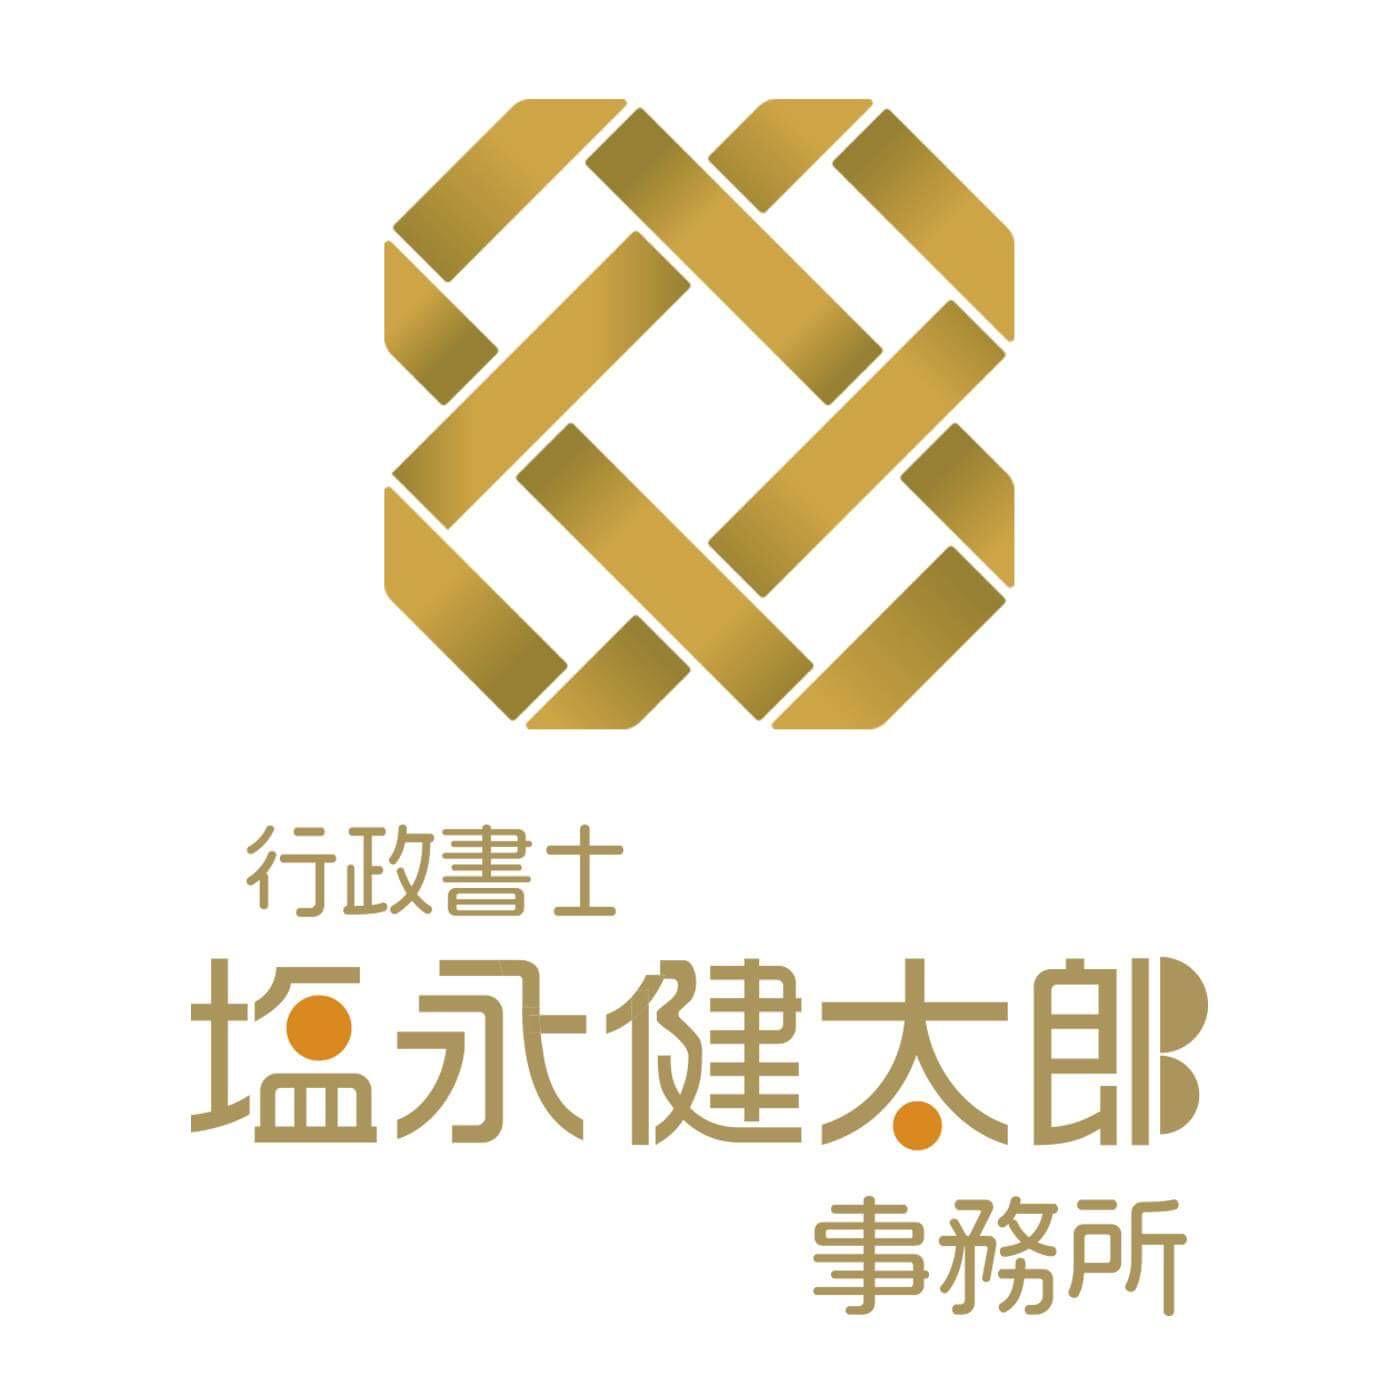 行政書士塩永健太郎事務所(相続、成年後見の相談)